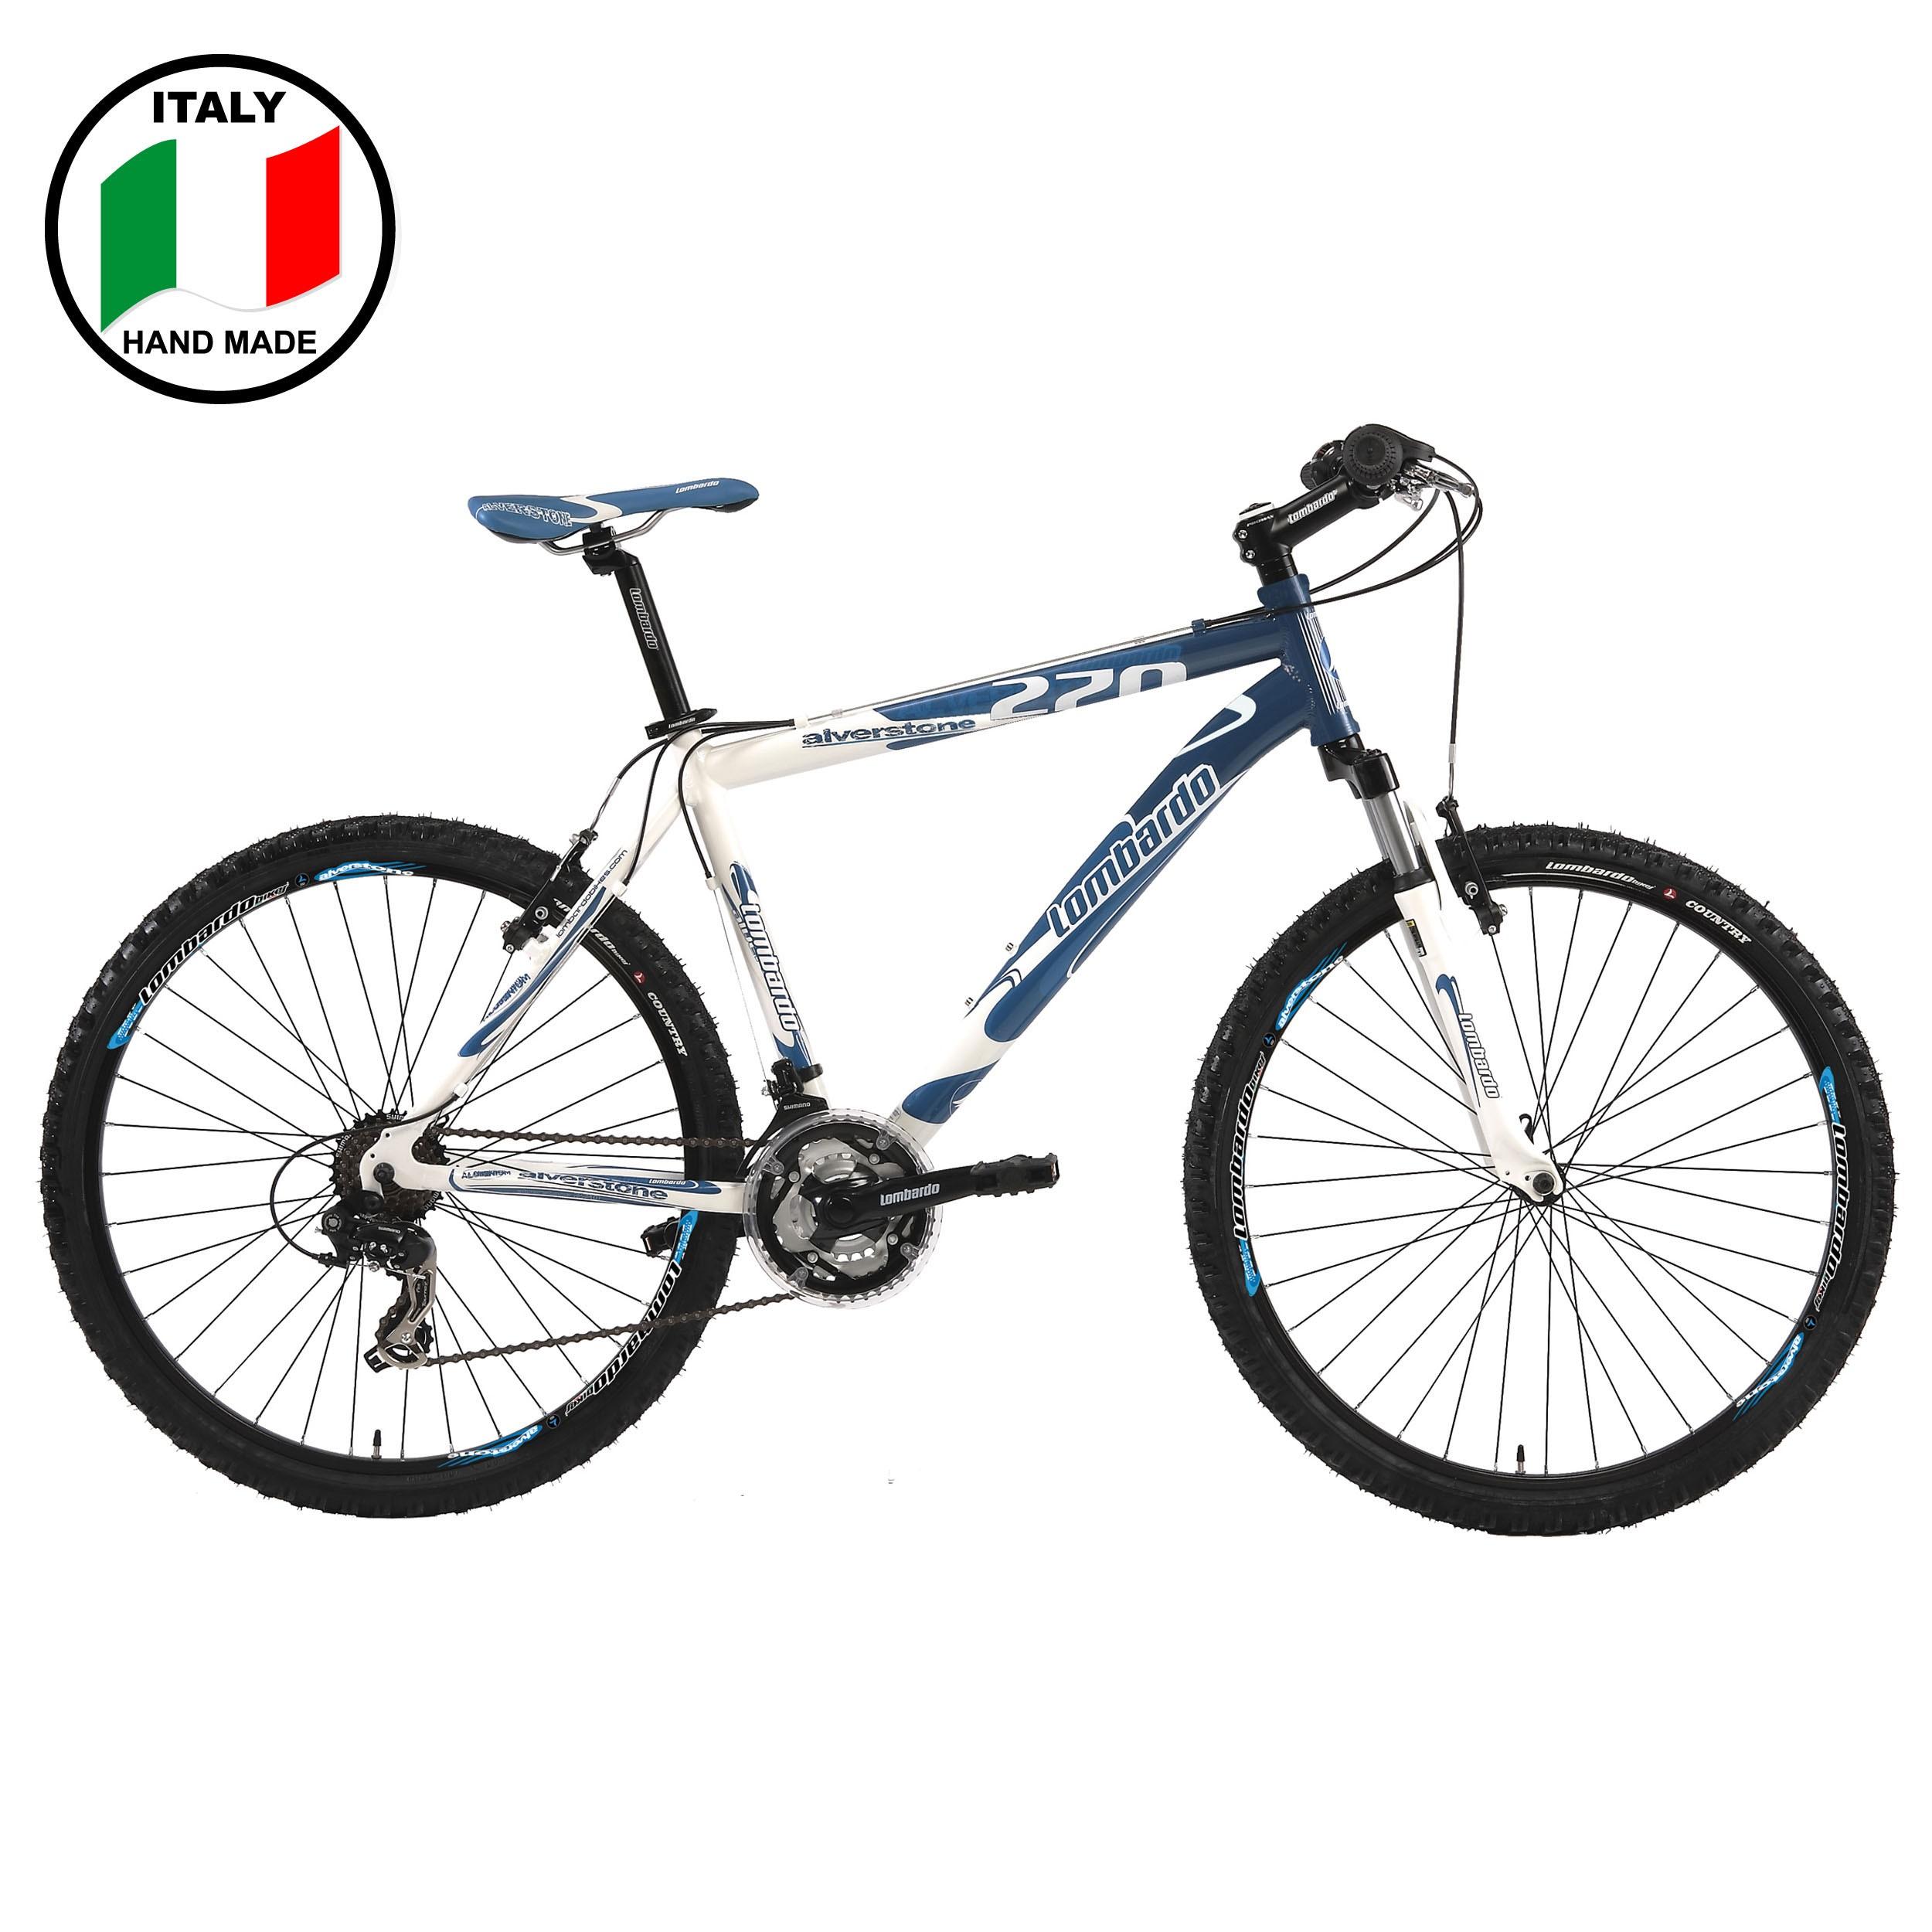 Lombardo Alverstone 350 26 inch Bike- Blue and White